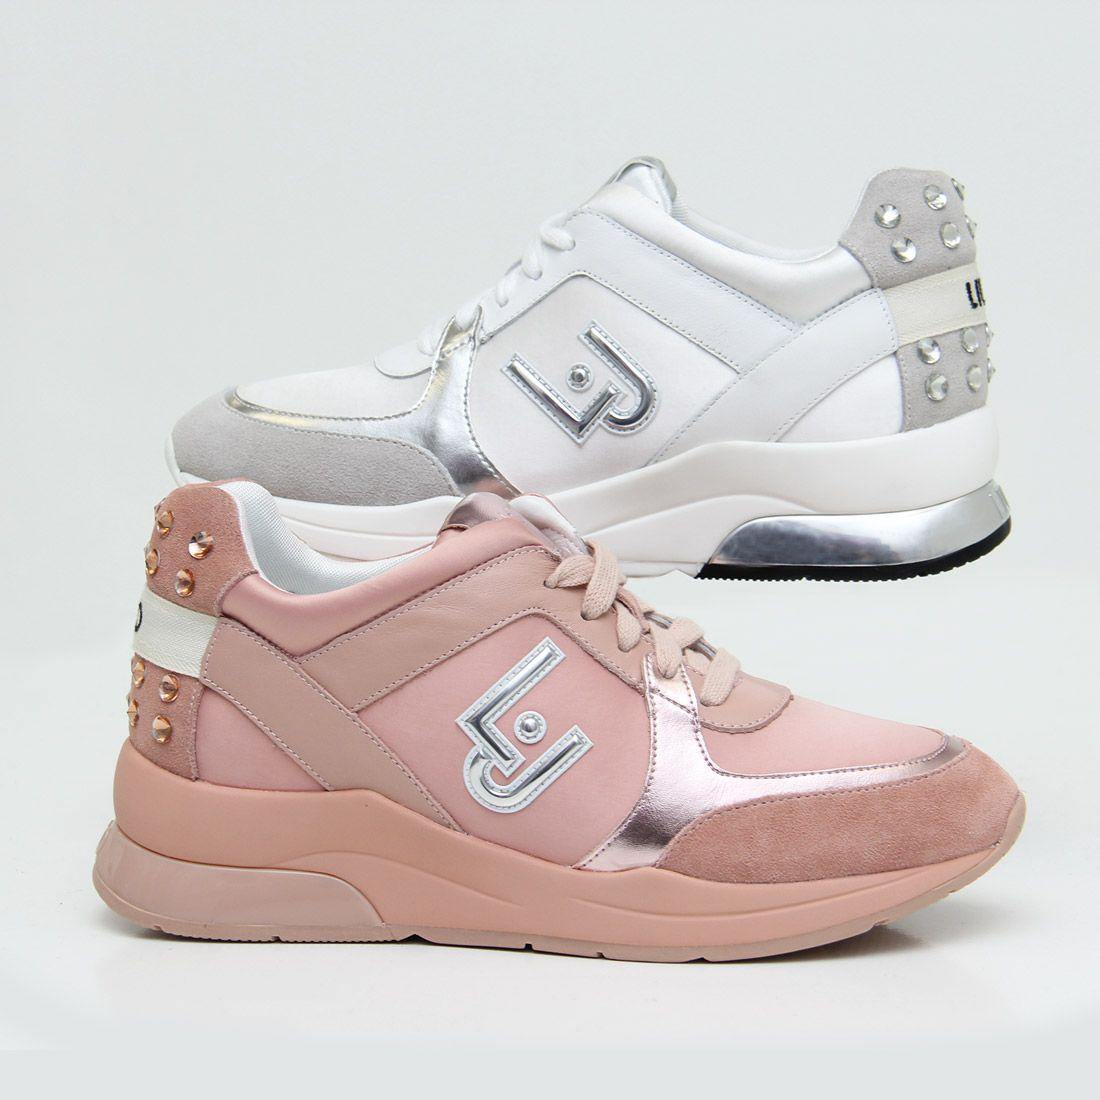 diversificado en envases calidad primero Precio pagable Zapatillas Liu Jo modernas y femeninas ¿blancas o rosas? #zacaris ...